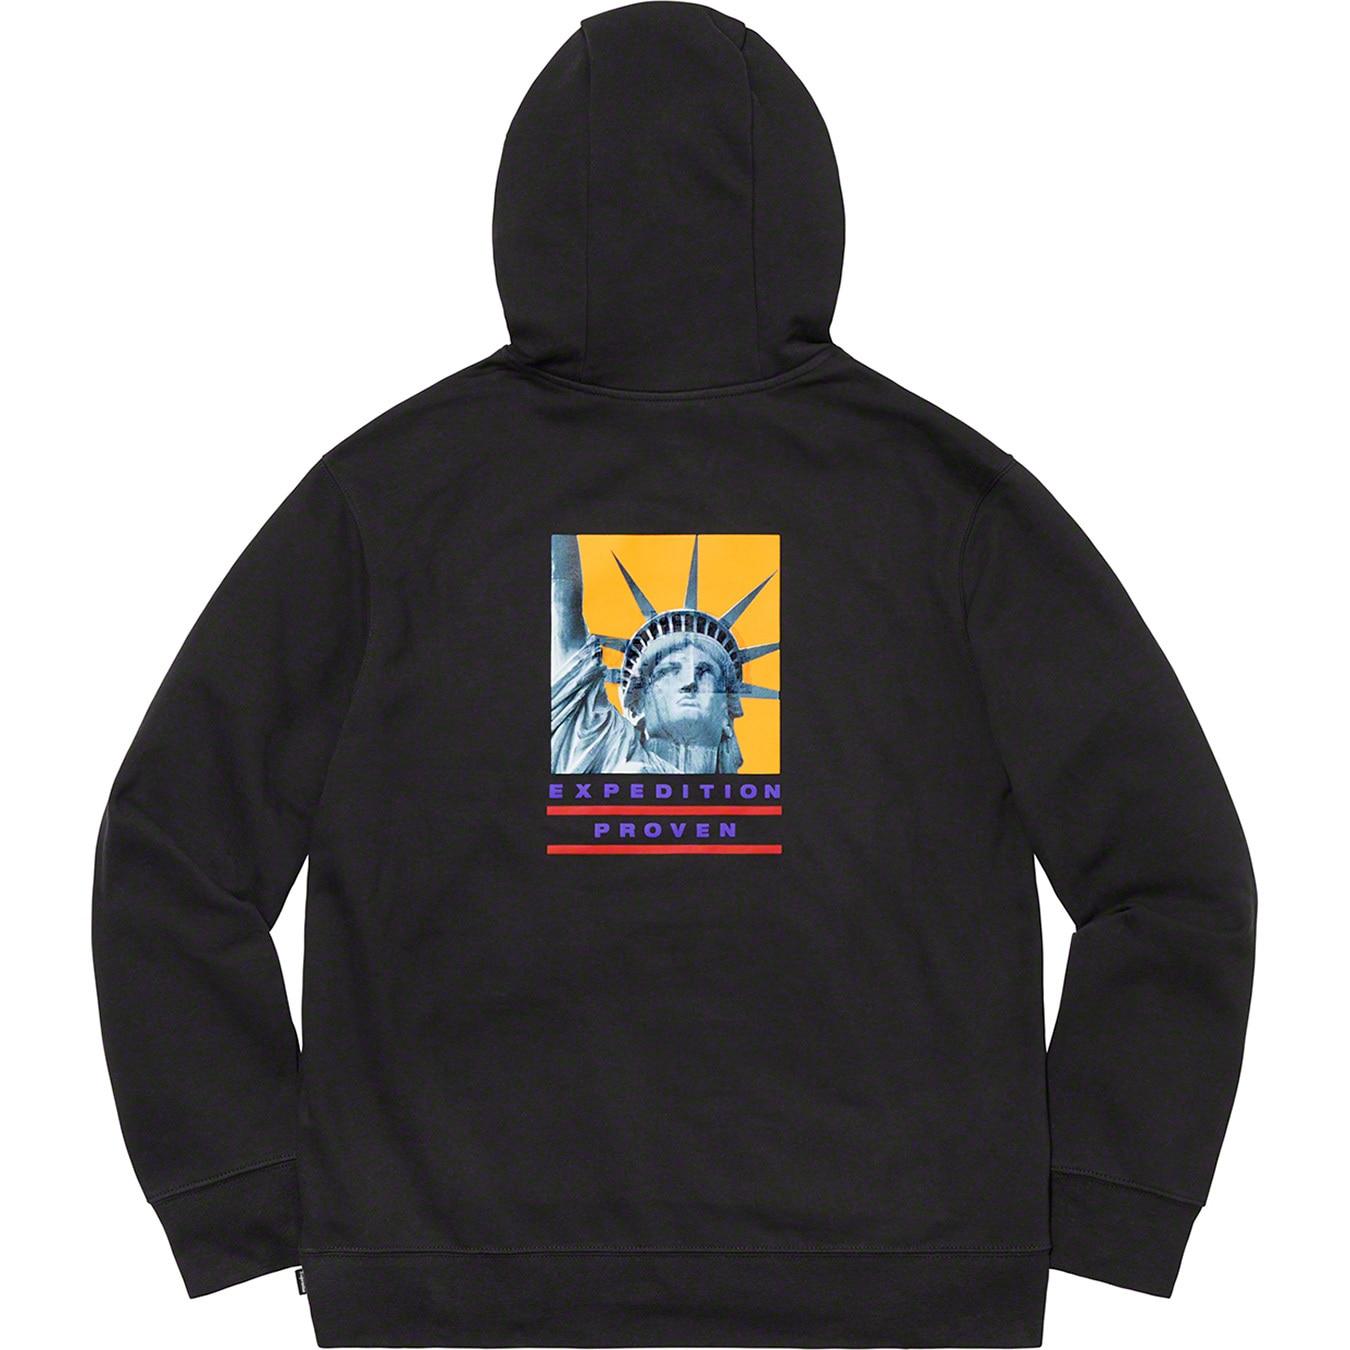 Sureme 19FW сотрудничество Статуя Свободы толстовки мужские, женские в стиле хип хоп оверсайз толстовки с капюшоном 100% хлопок пуловеры для мужчи